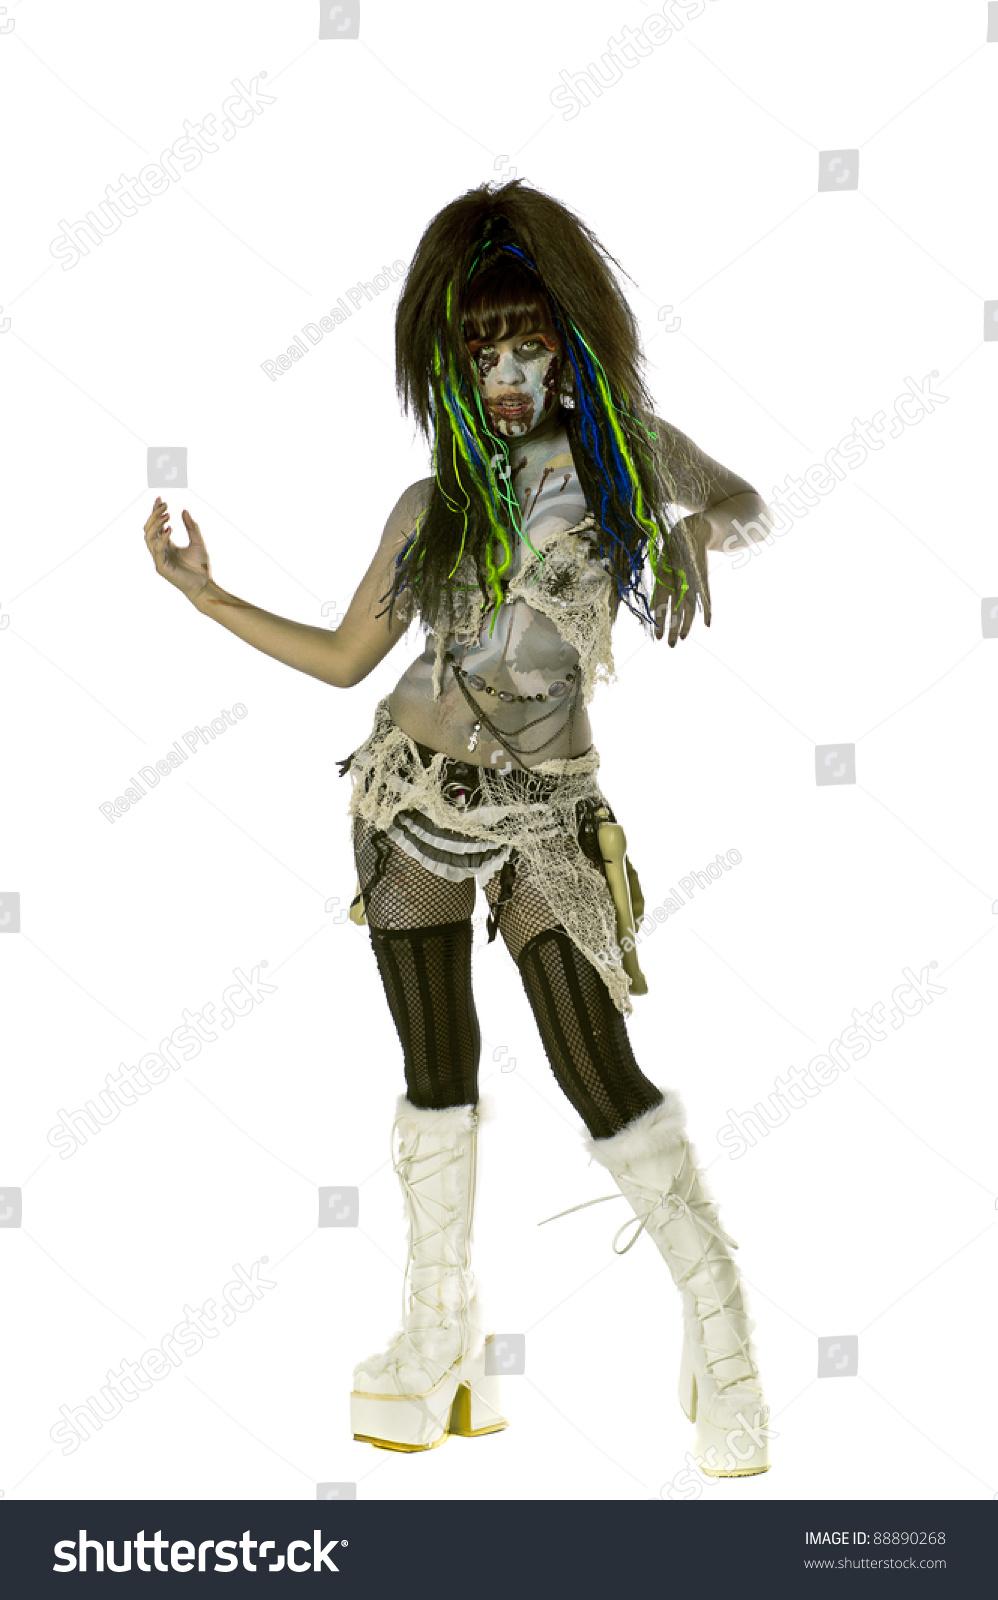 性感的女紧身去跳舞去-假期,性感-站酷海洛创透明裙人物白色僵尸少妇图片